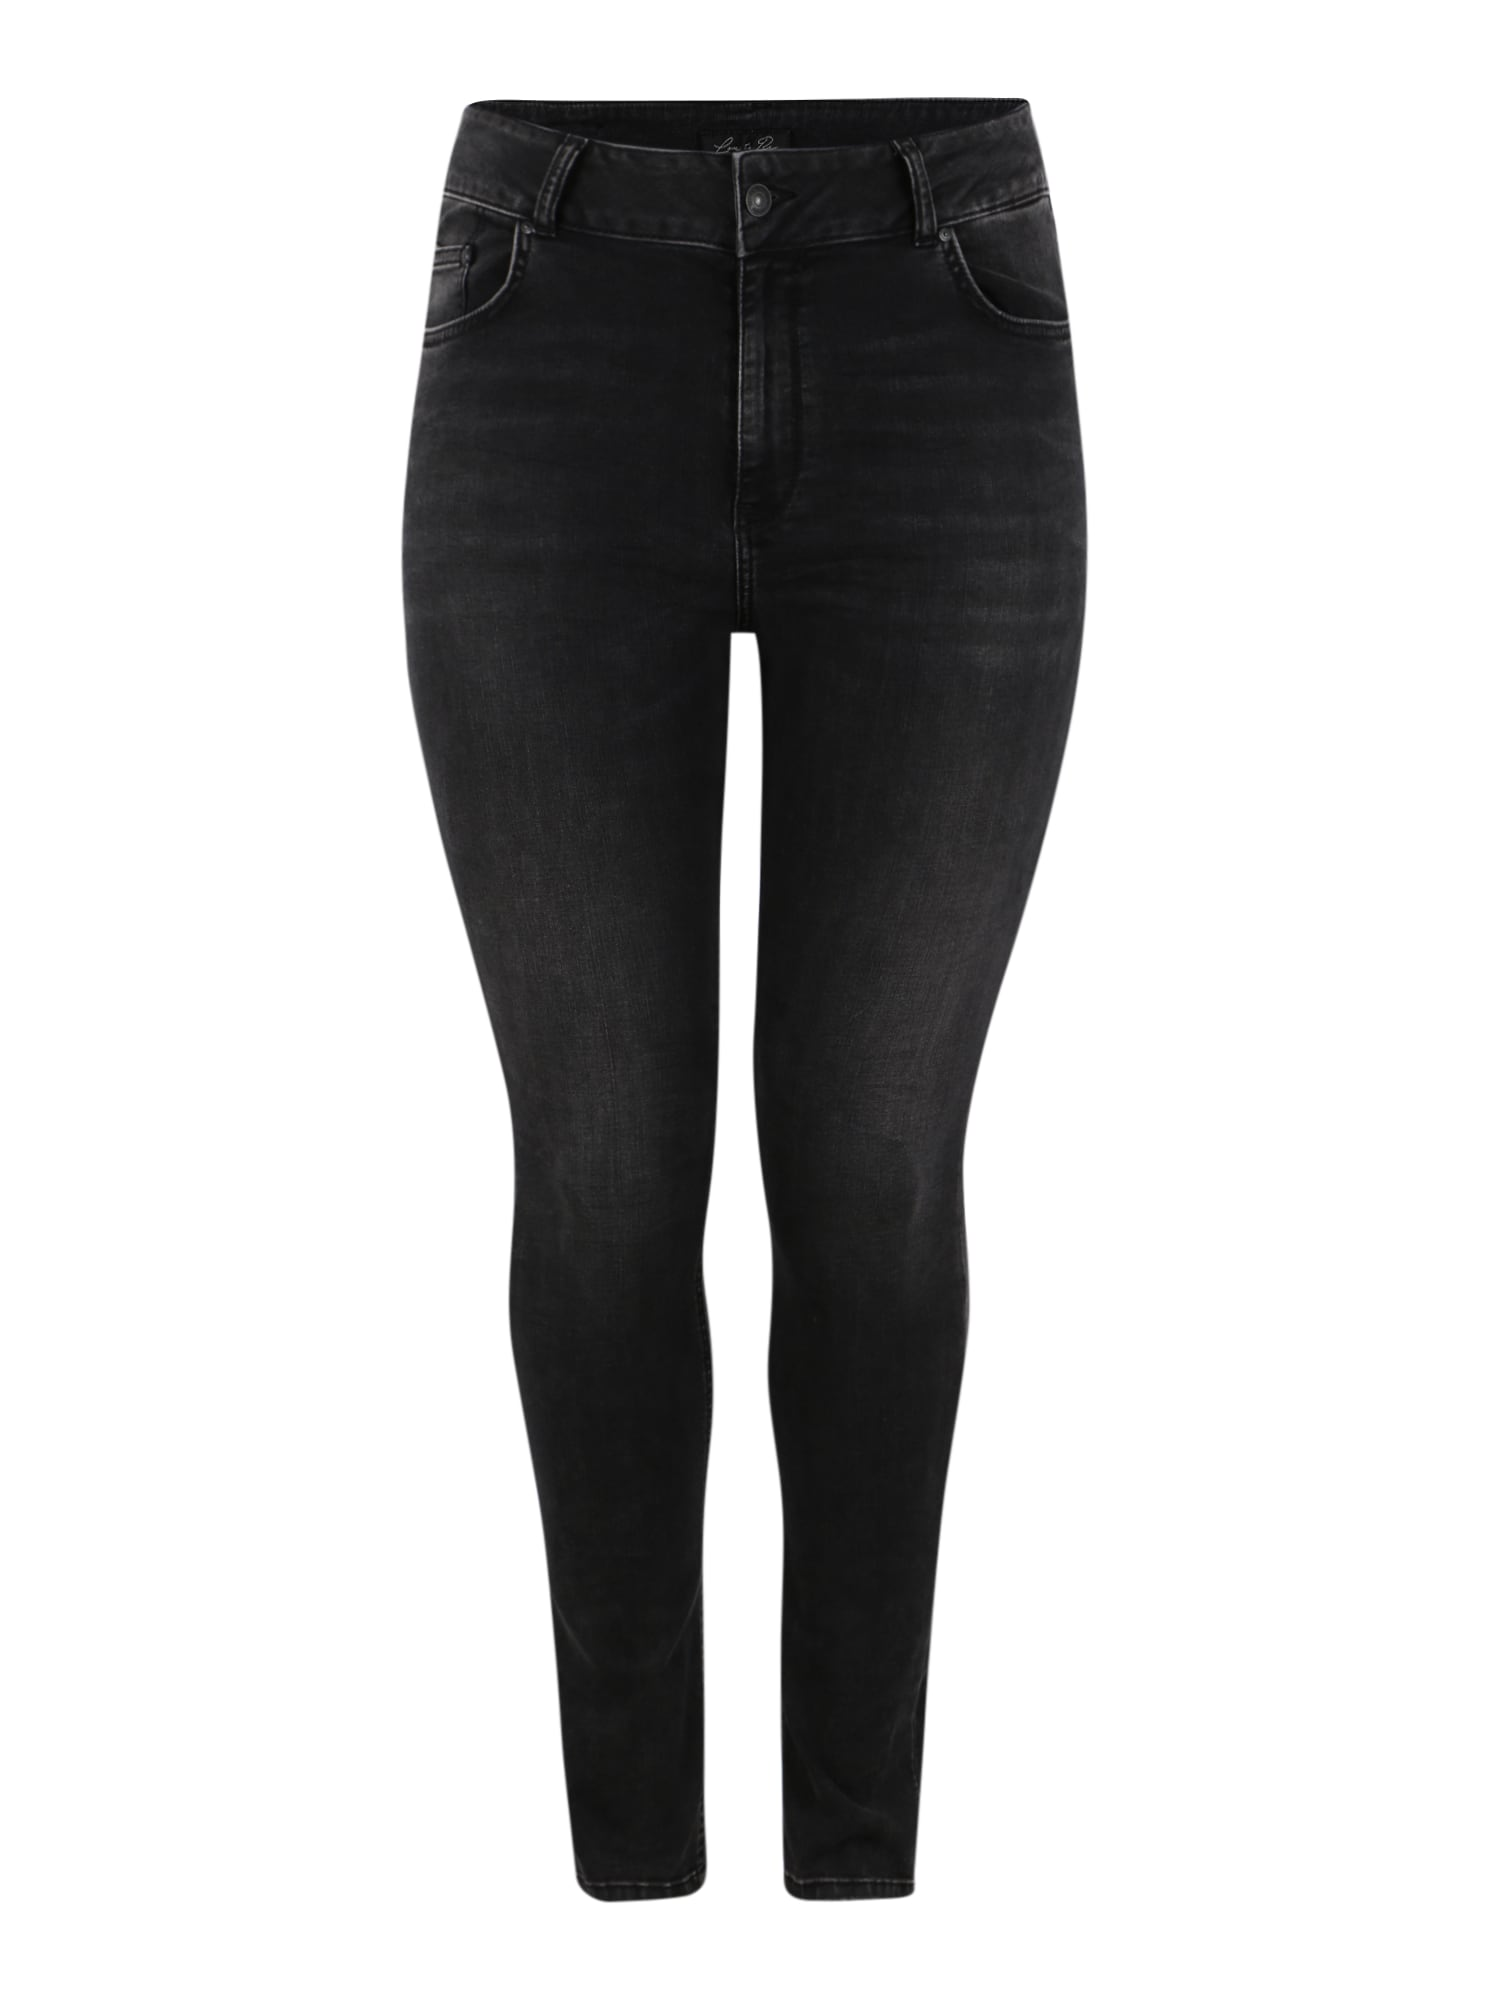 LTB - Love To Be Džinsai 'MAREN' juodo džinso spalva